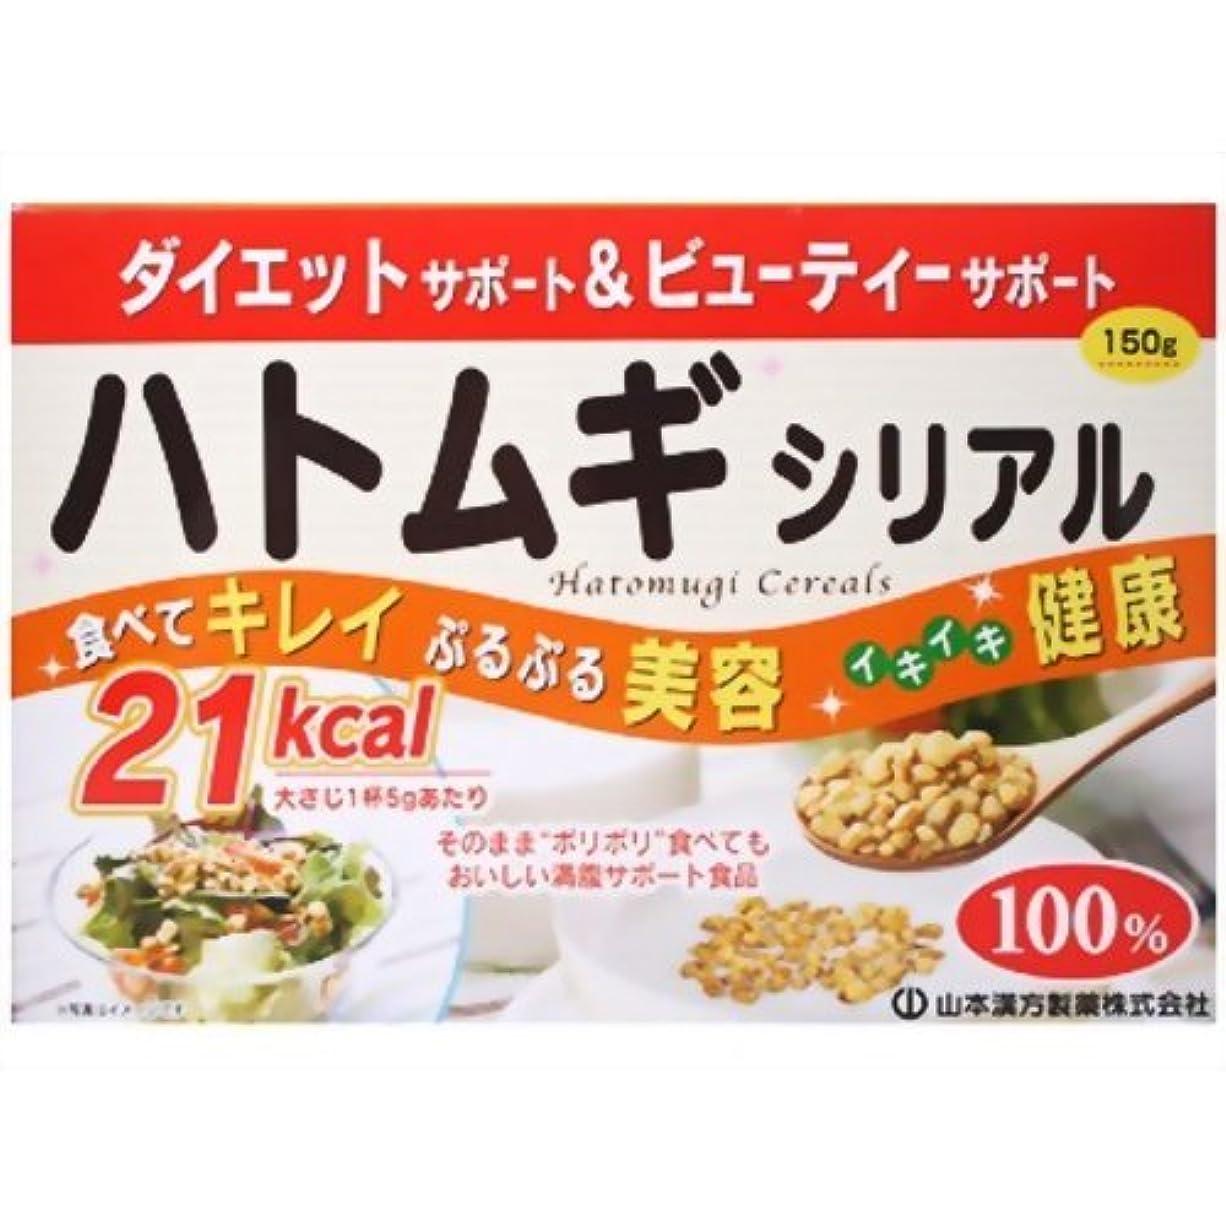 加入聡明宮殿【山本漢方製薬】ハトムギ シリアル 150g ×3個セット